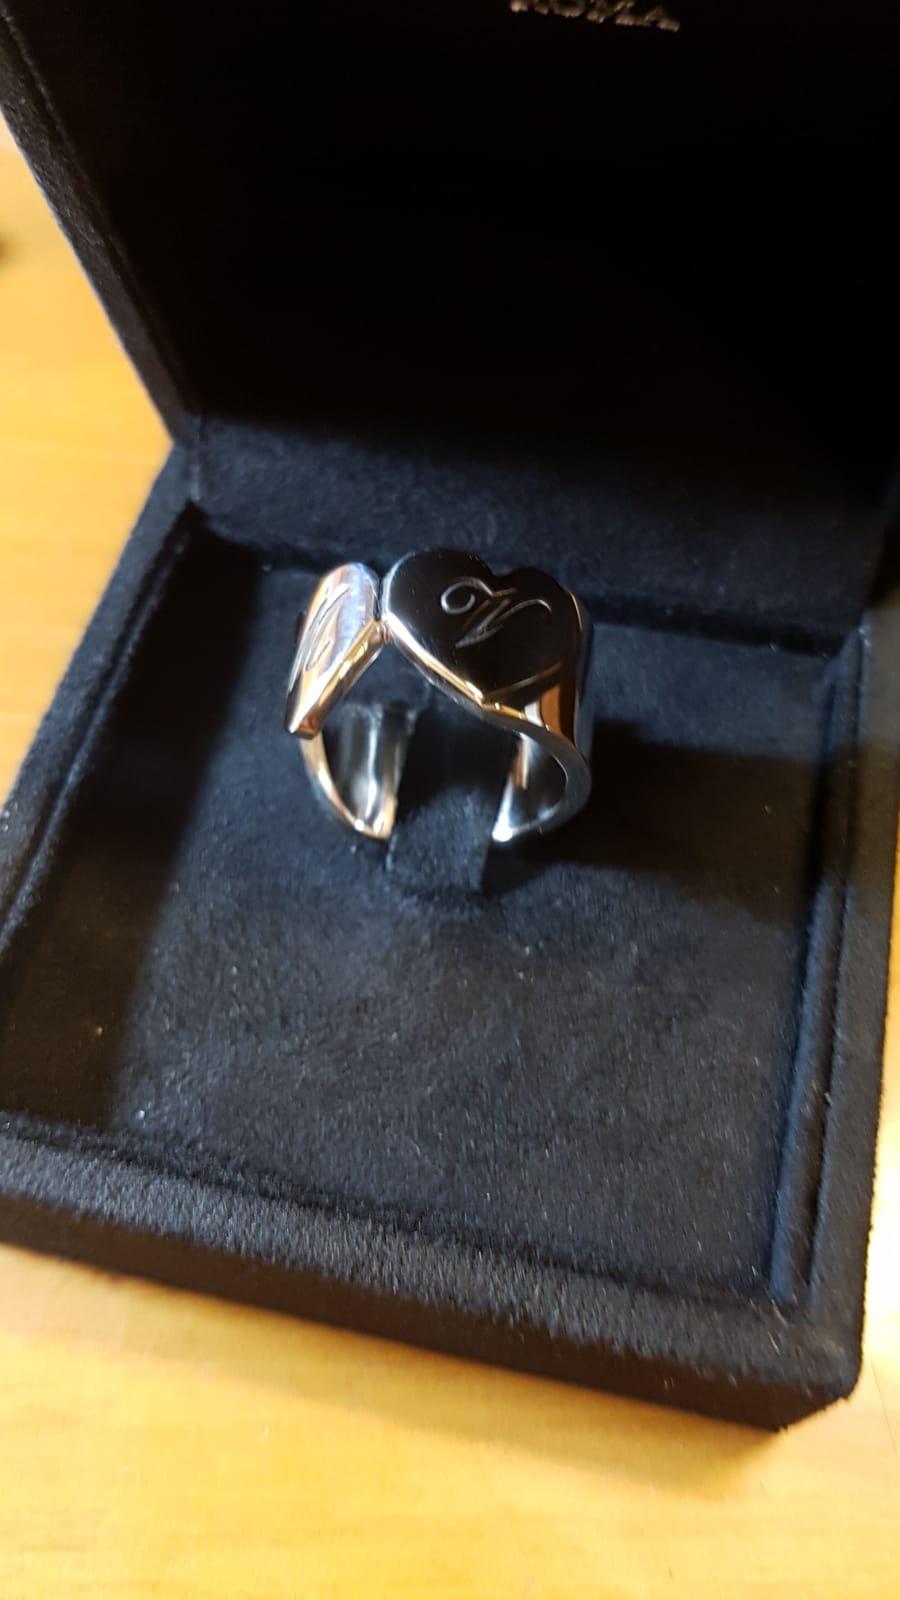 anello personalizzato con incisione sigillo di gioielli argento Otello Santucci